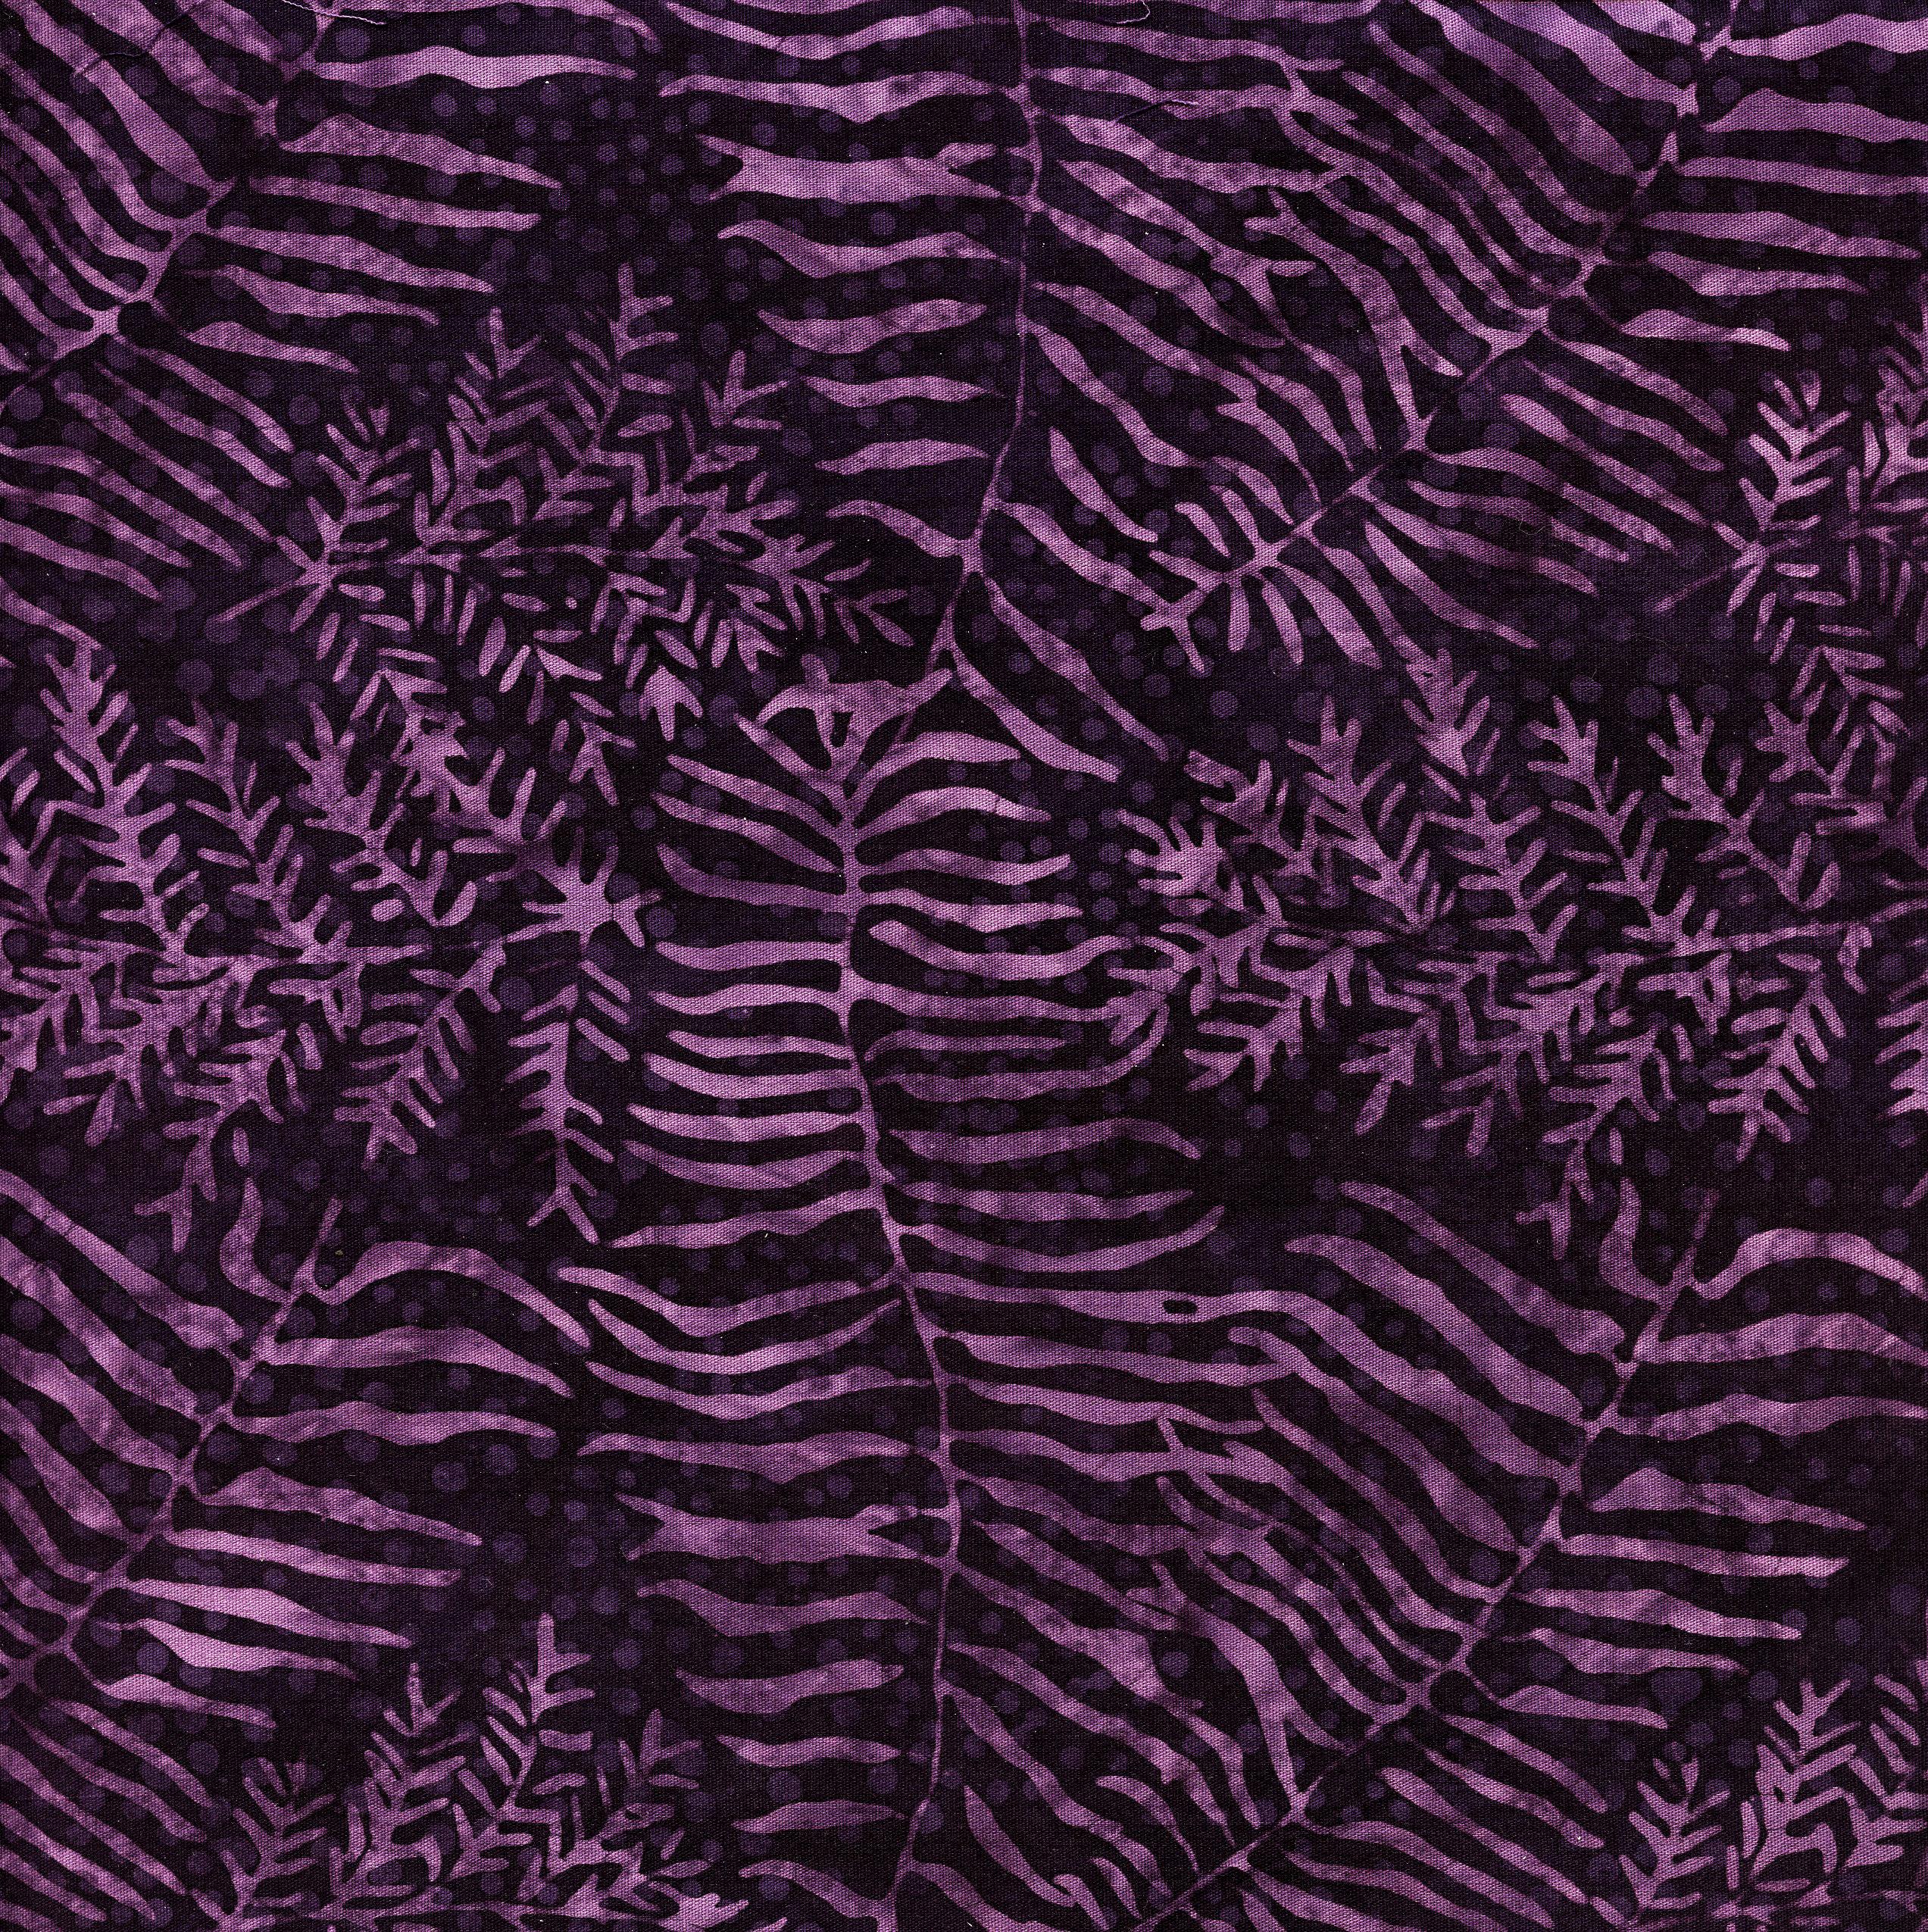 111809480 Fern/Leaf Purple